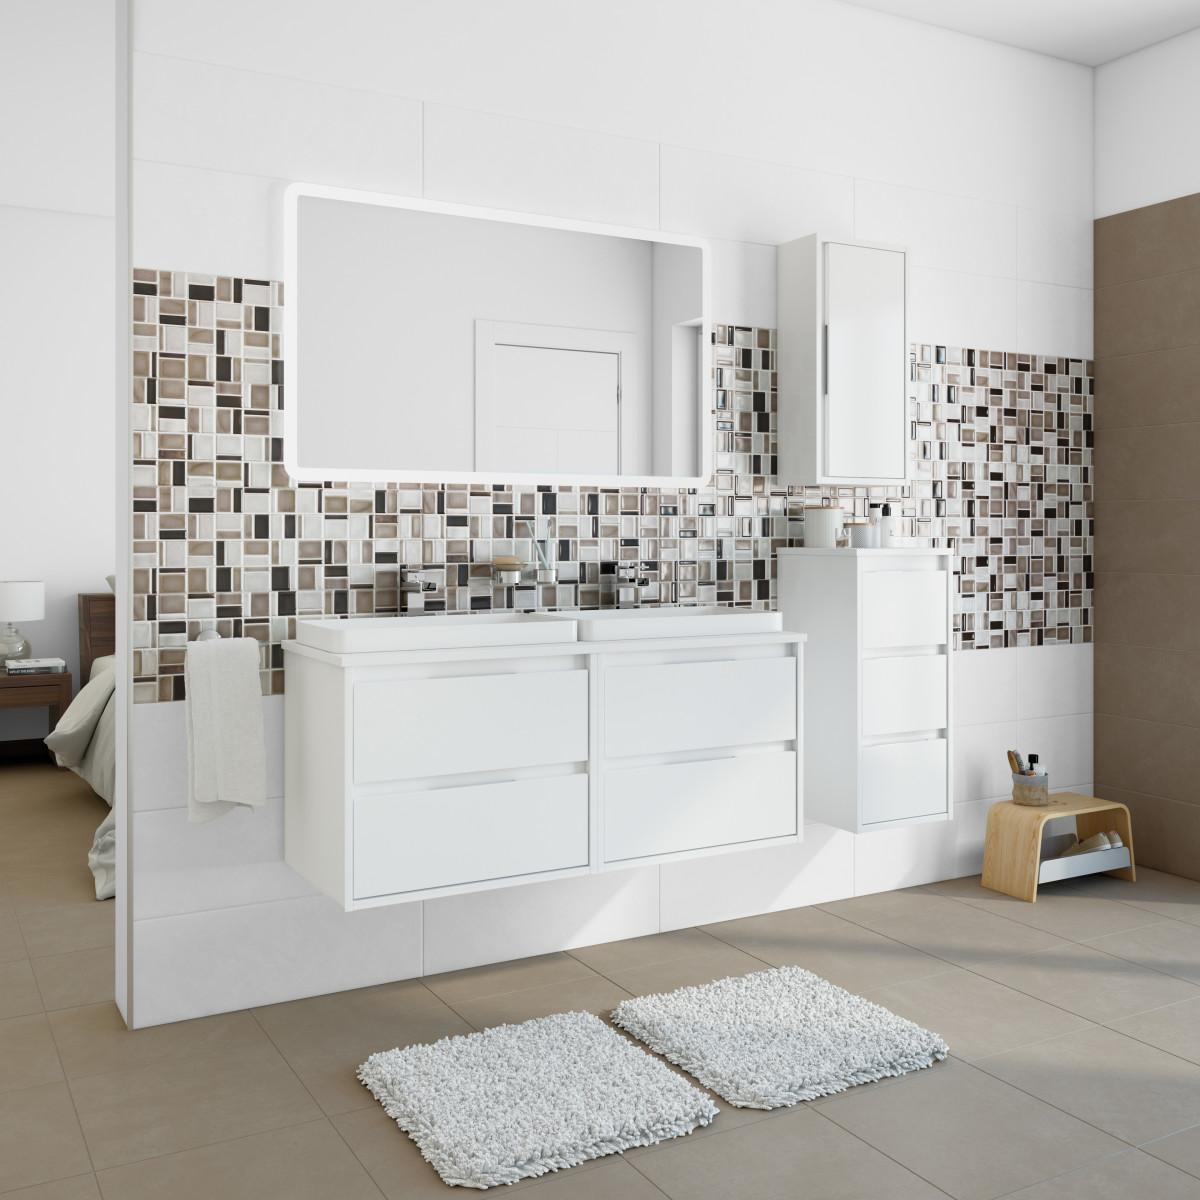 Altezza mobile bagno gallery of mobile per lavandino bagno with altezza mobile bagno axentia - Piastrelle bagno altezza giusta ...